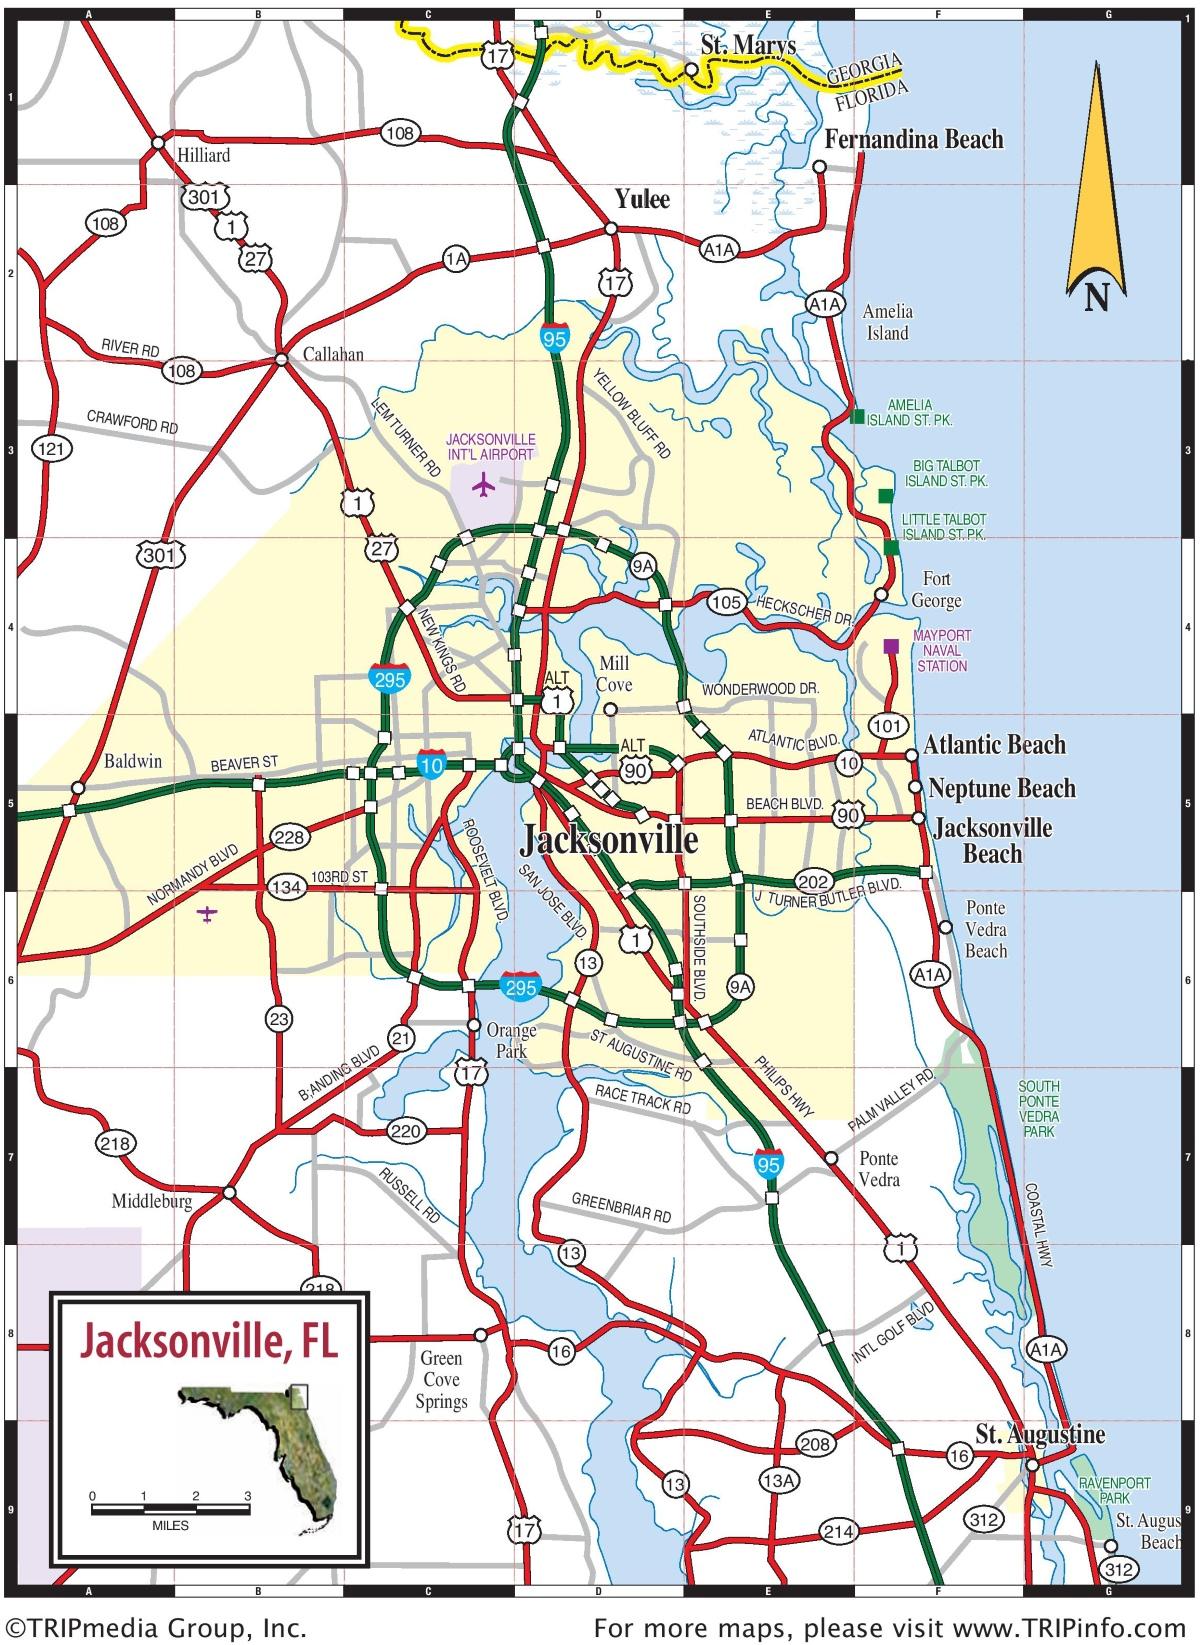 jacksonville area road map. Black Bedroom Furniture Sets. Home Design Ideas